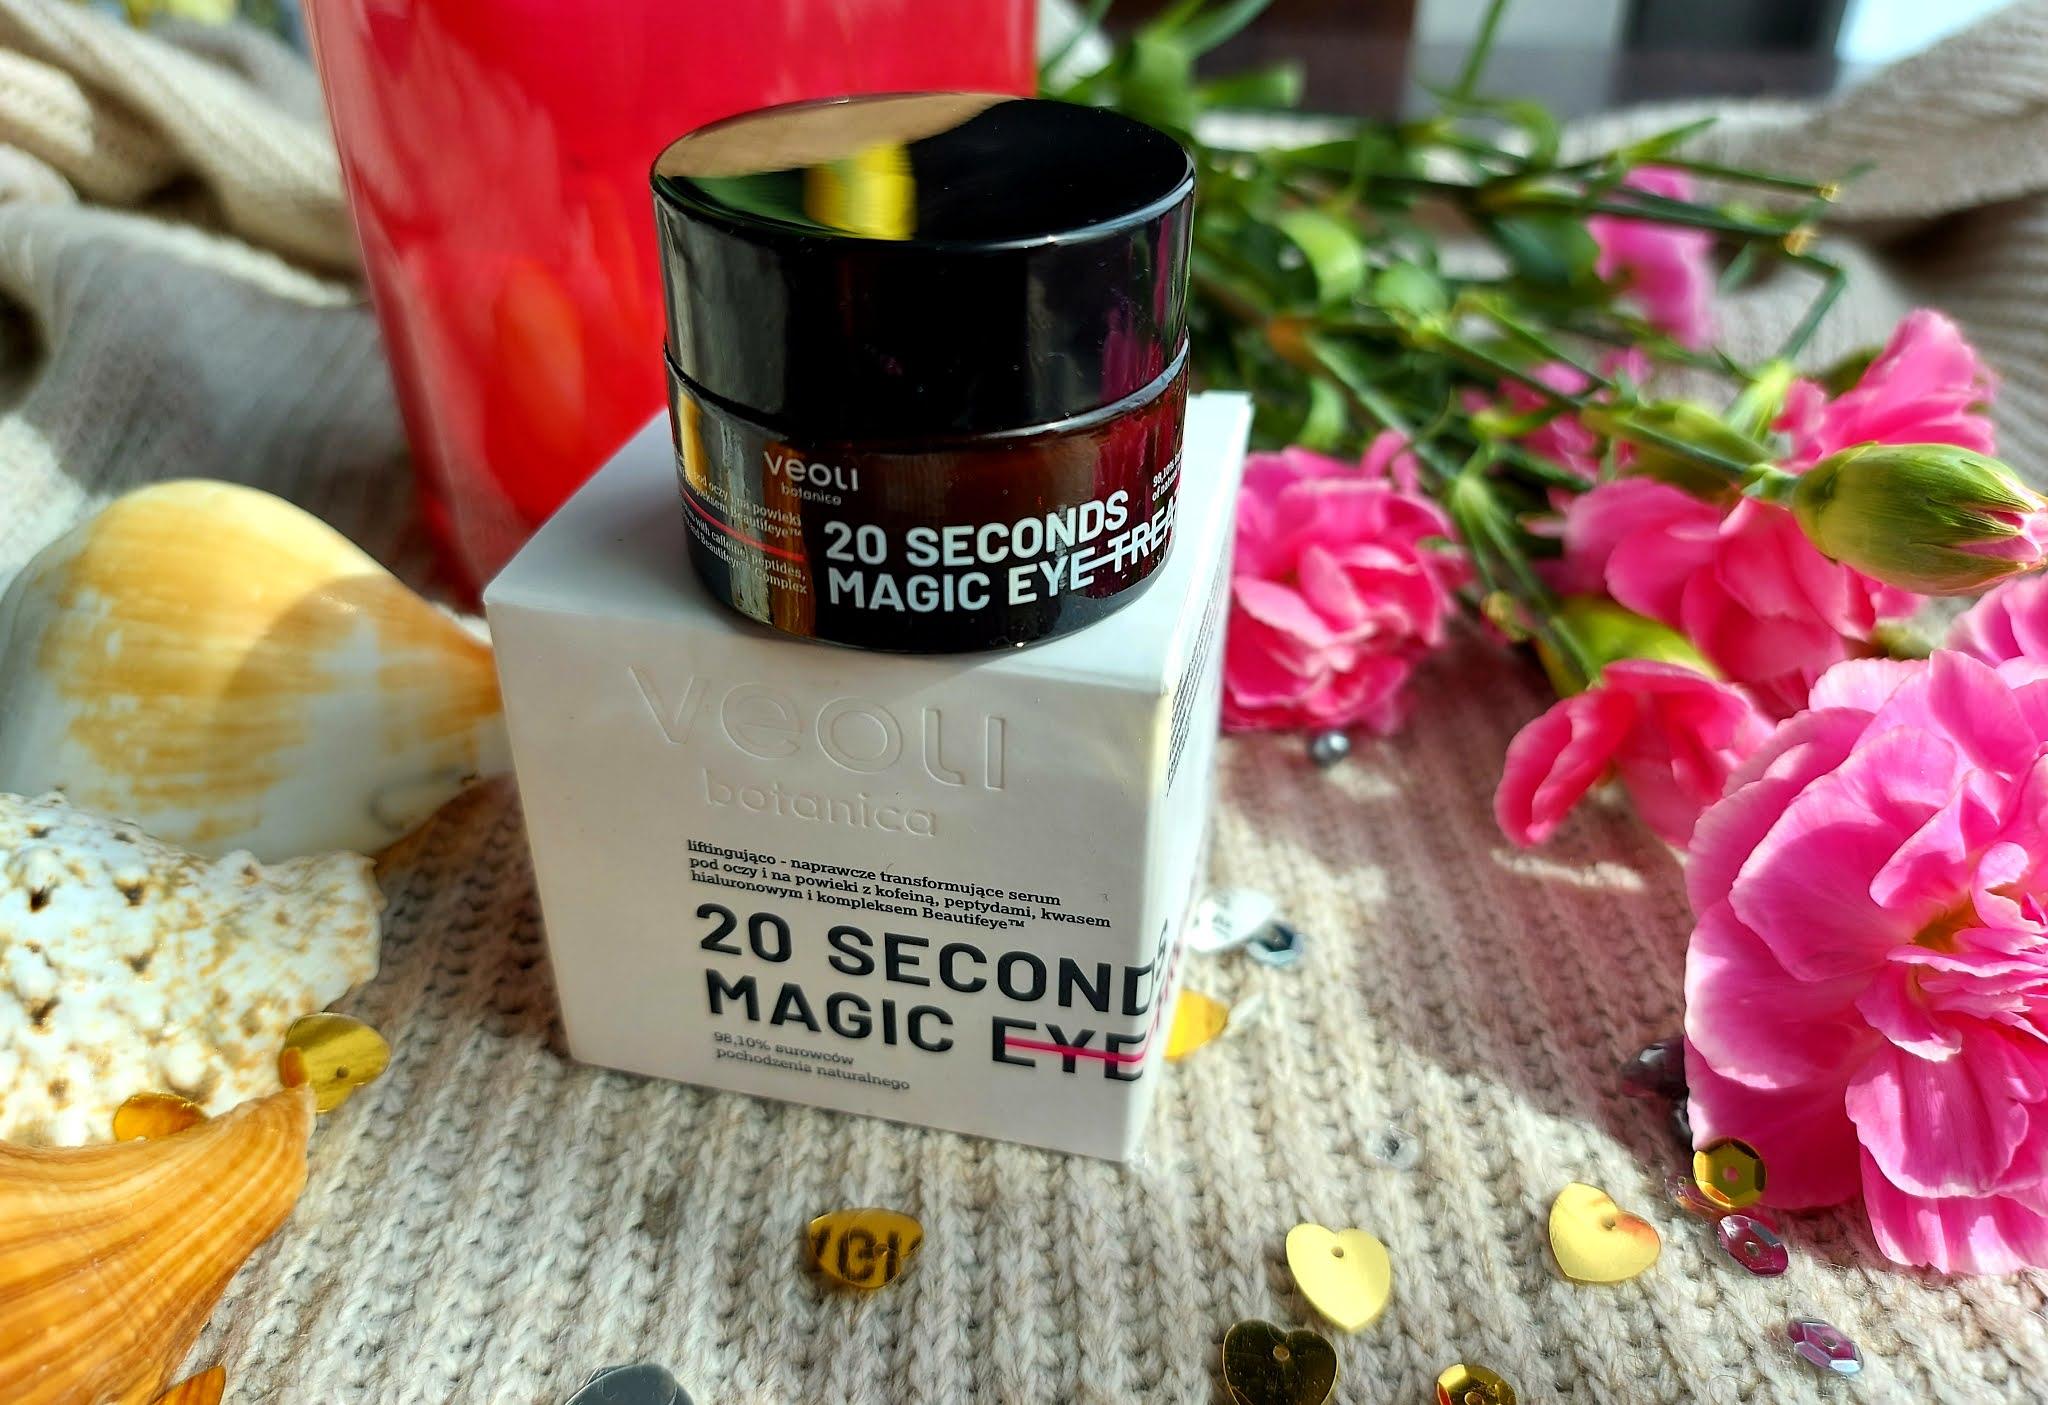 20 SECONDS MAGIC EYE TREATMENT - naturalny krem pod oczy od Veoli Botanica